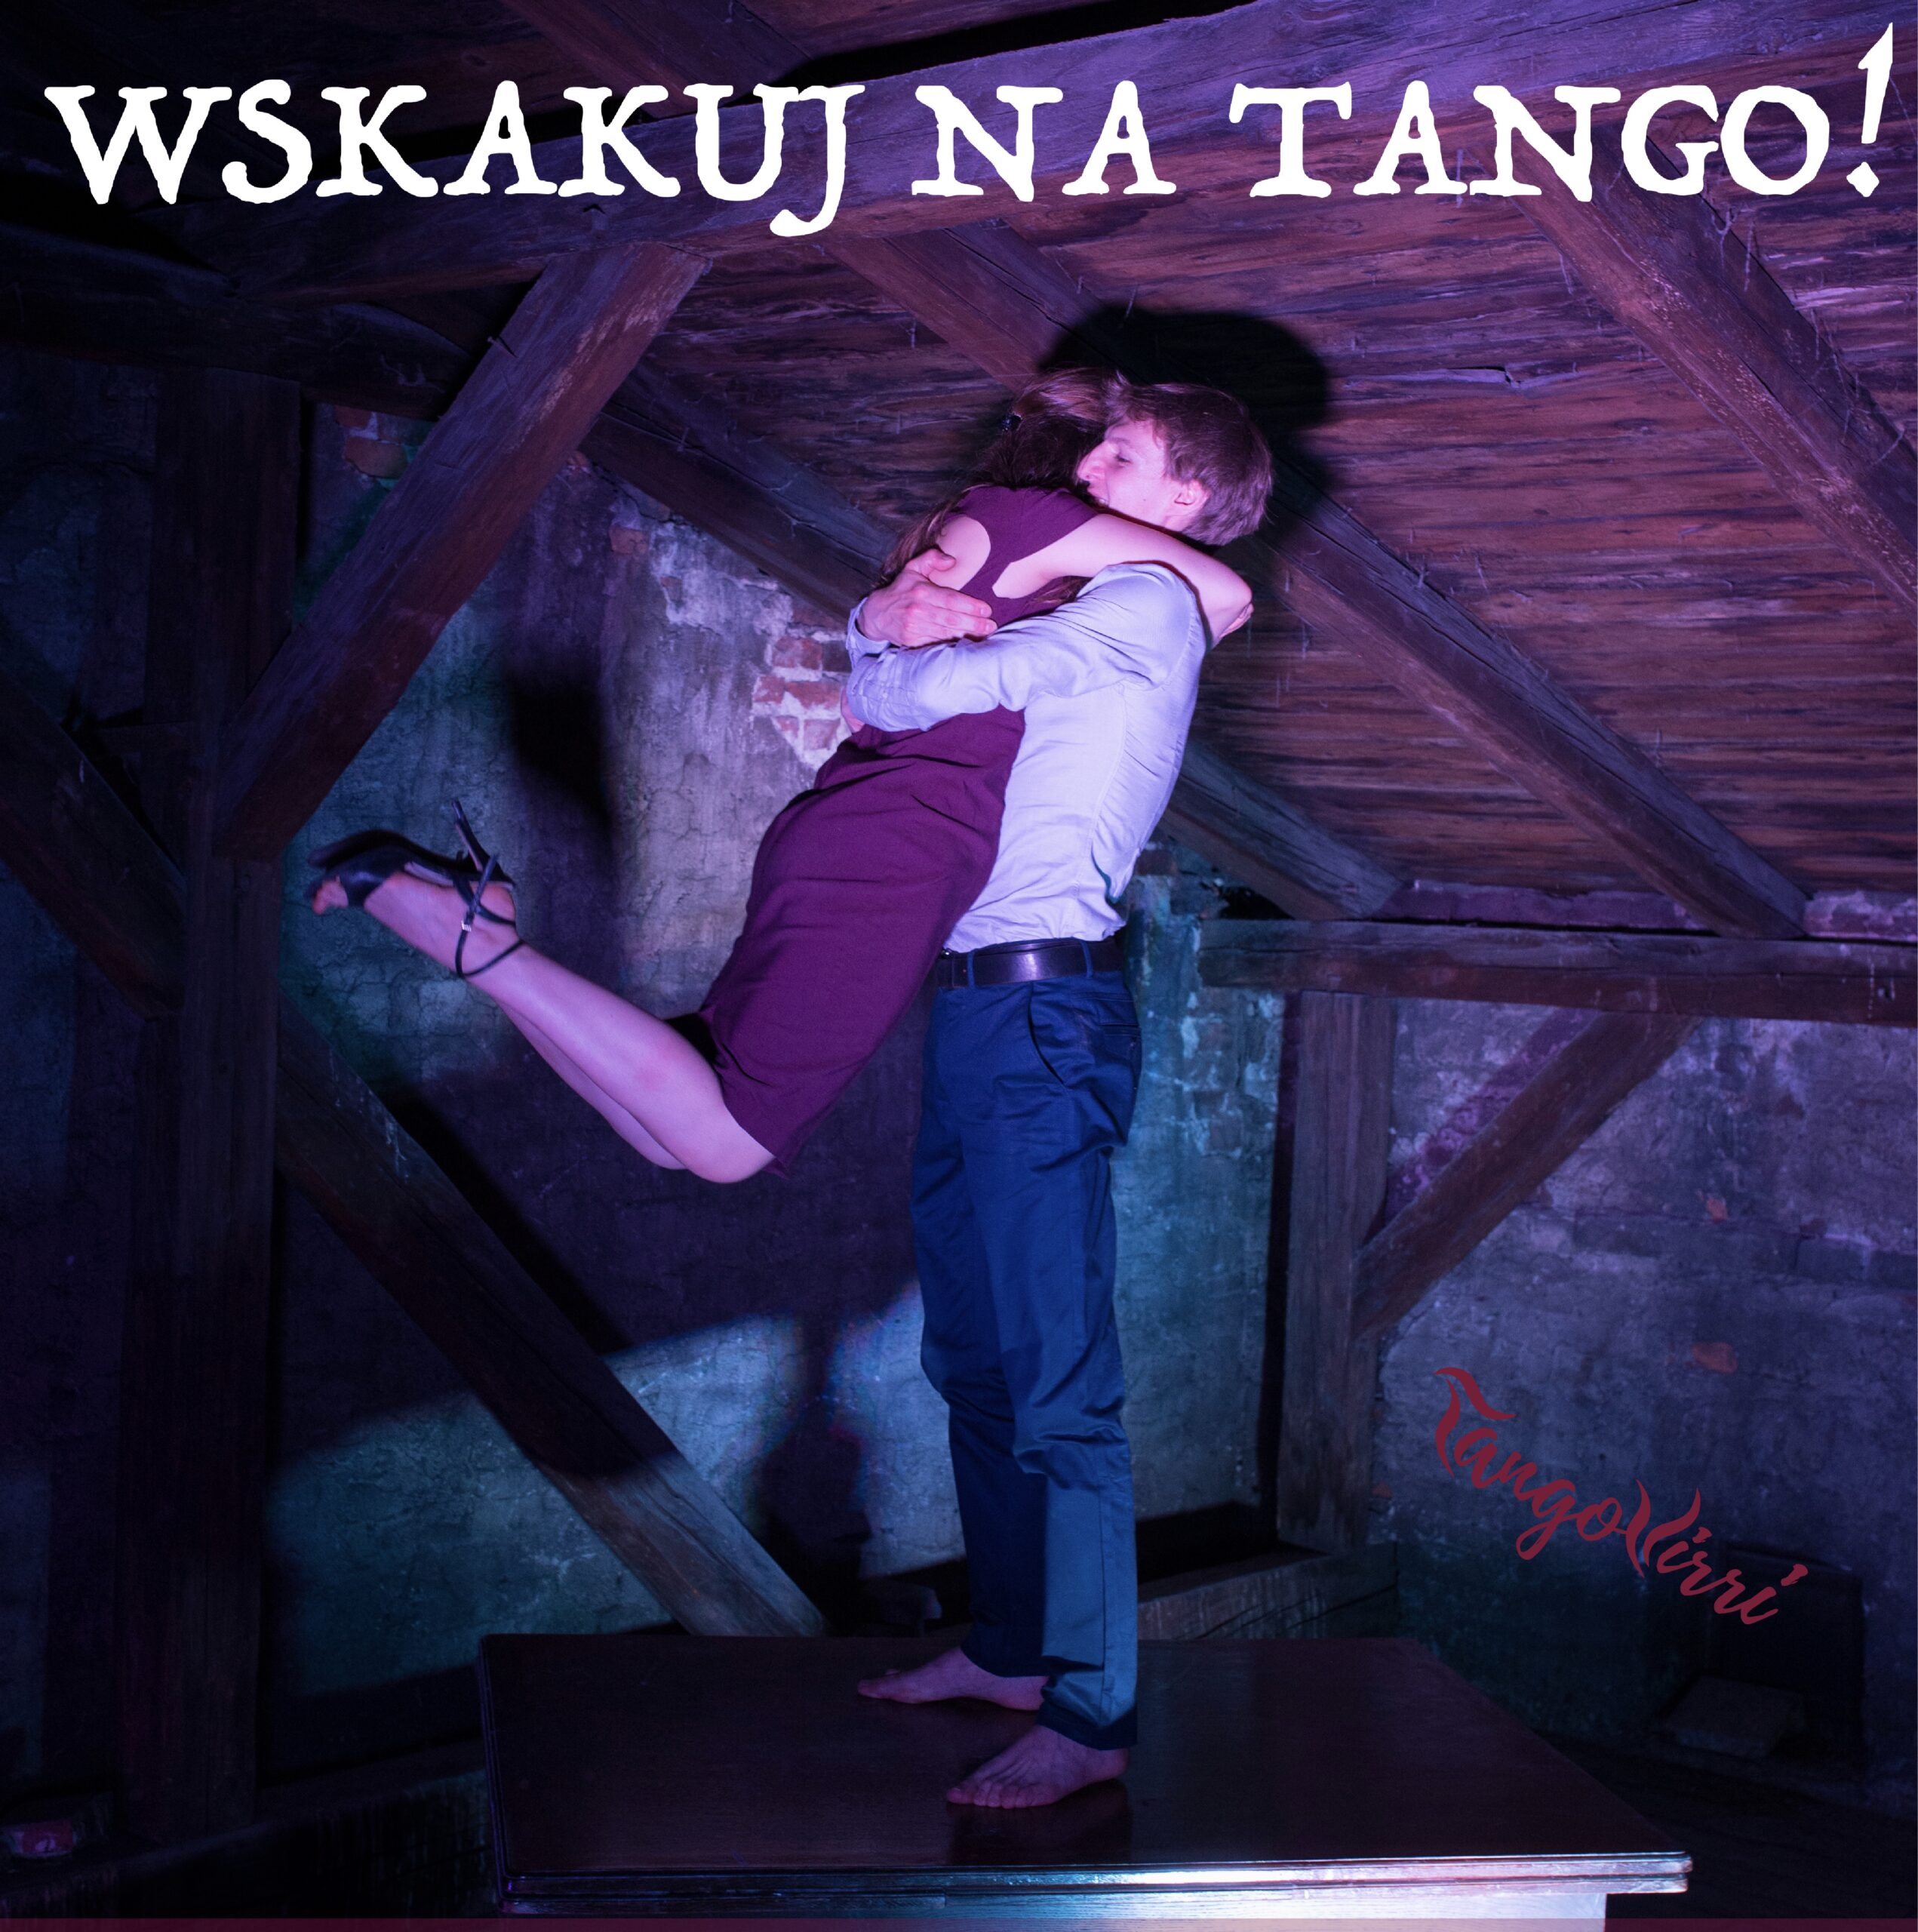 Wskakuj na tango od podstaw!